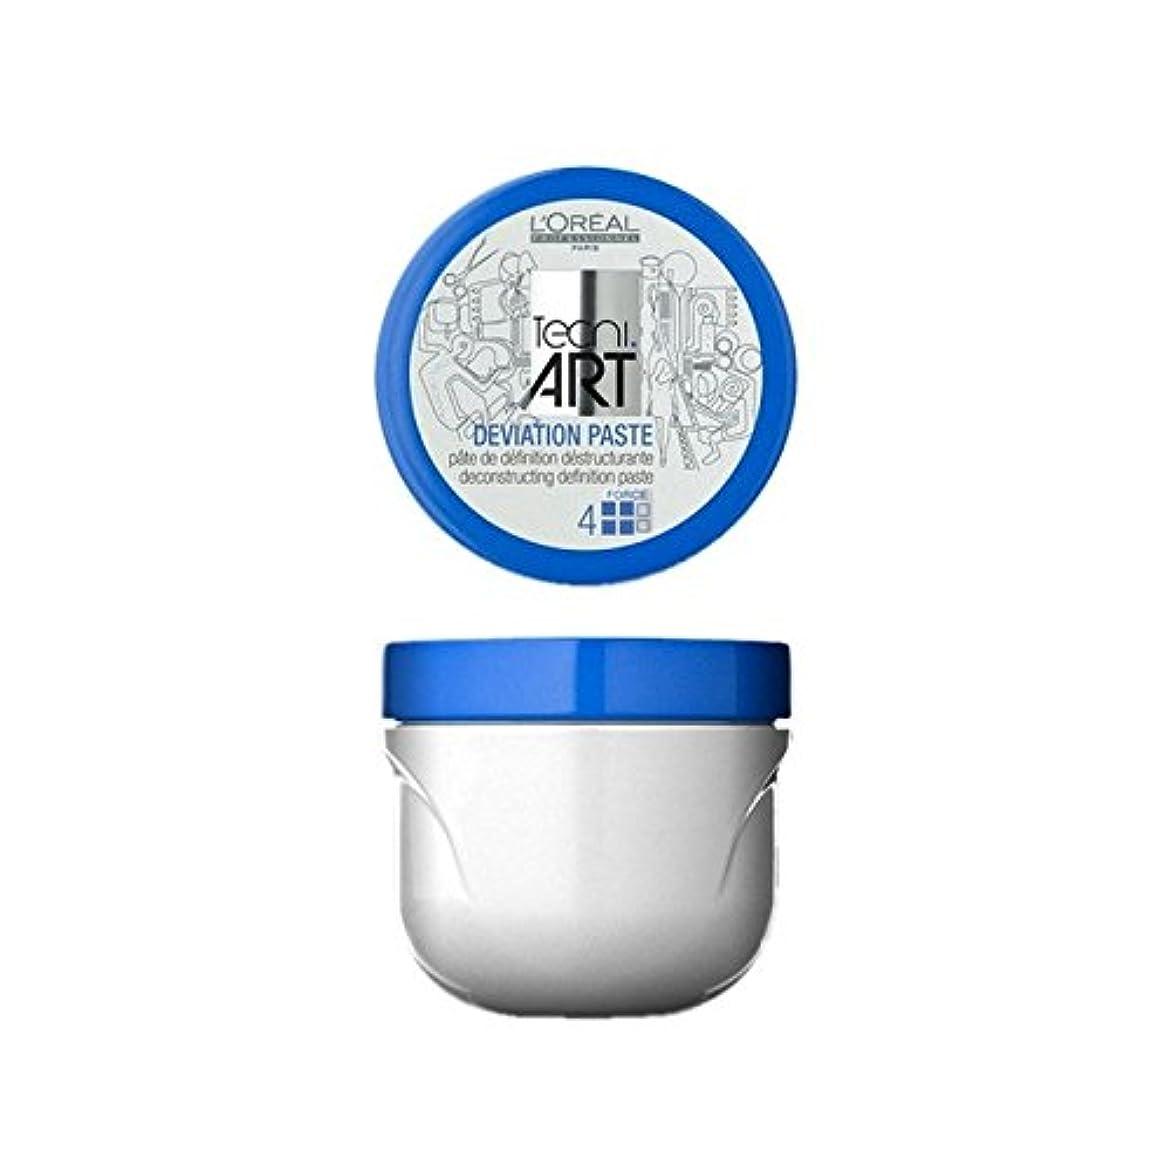 壮大な慰め着陸ロレアルプロフェッショナル技術偏差ペースト(100)に x2 - L'Oreal Professionnel Tecni Art Deviation Paste (100ml) (Pack of 2) [並行輸入品]